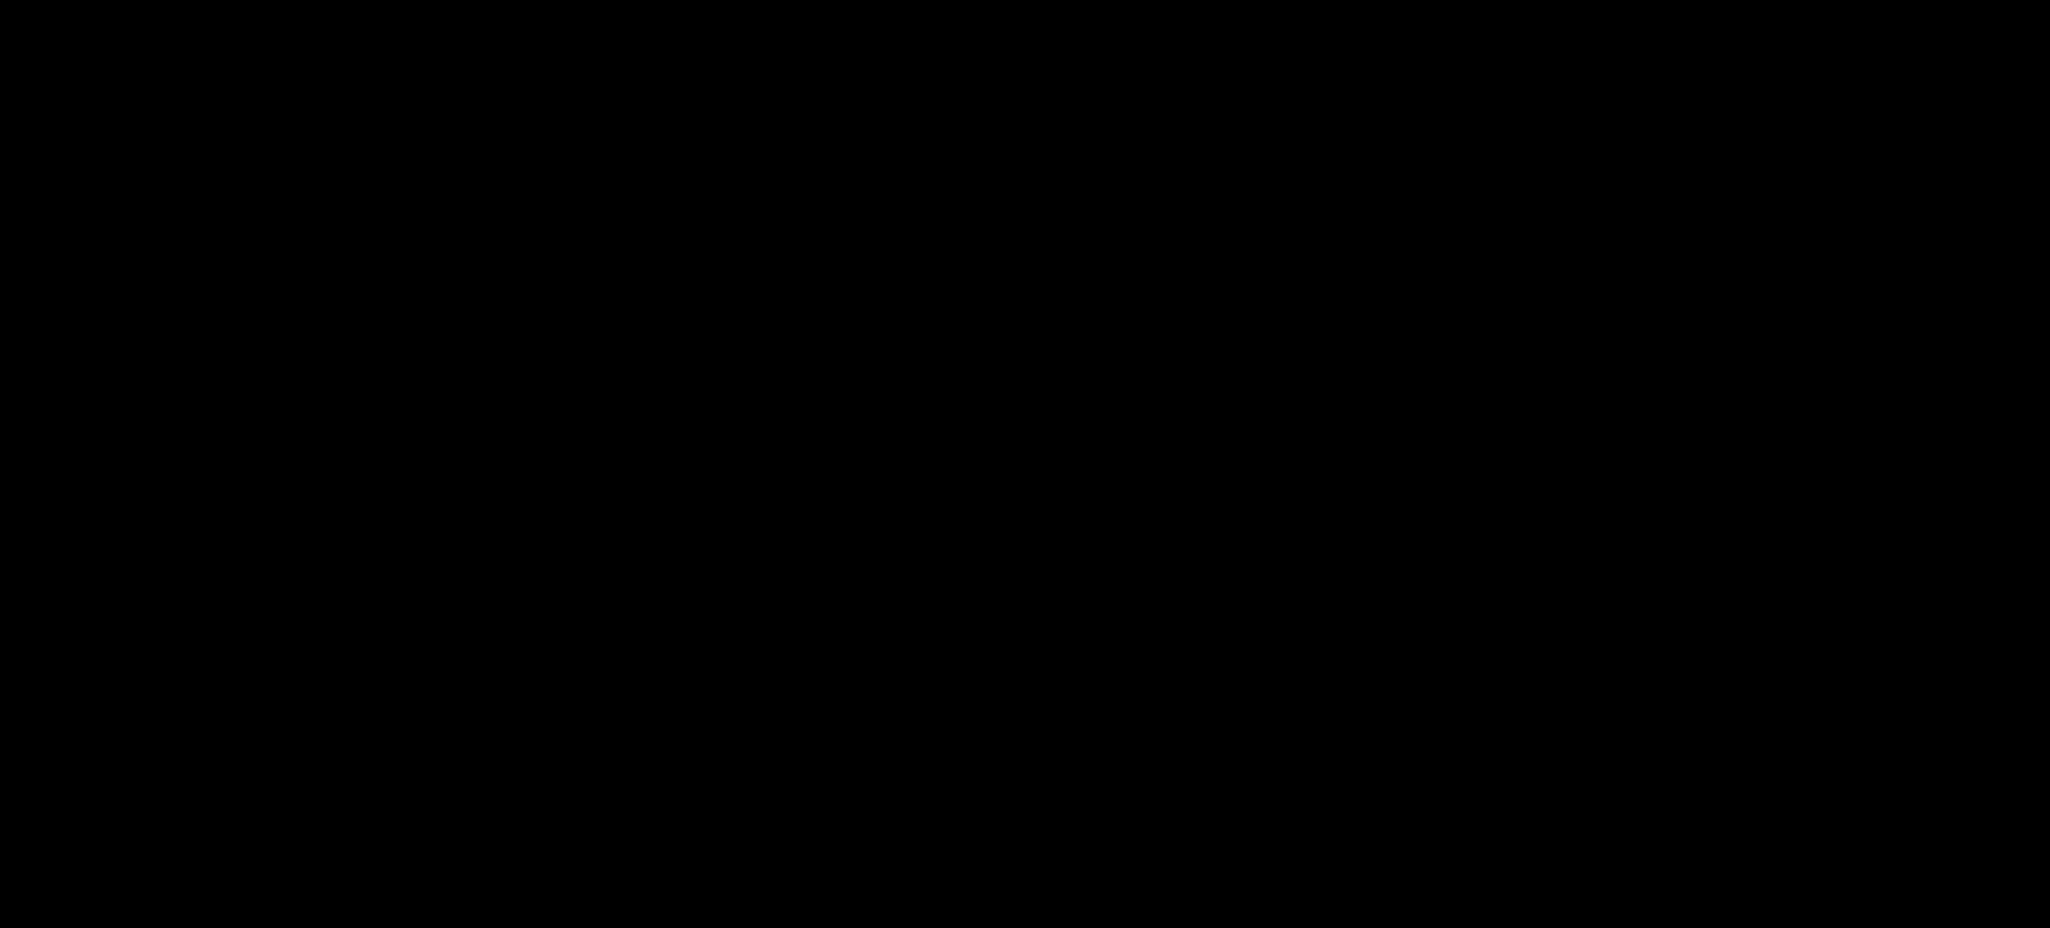 KRN 633-d<sub>6</sub>